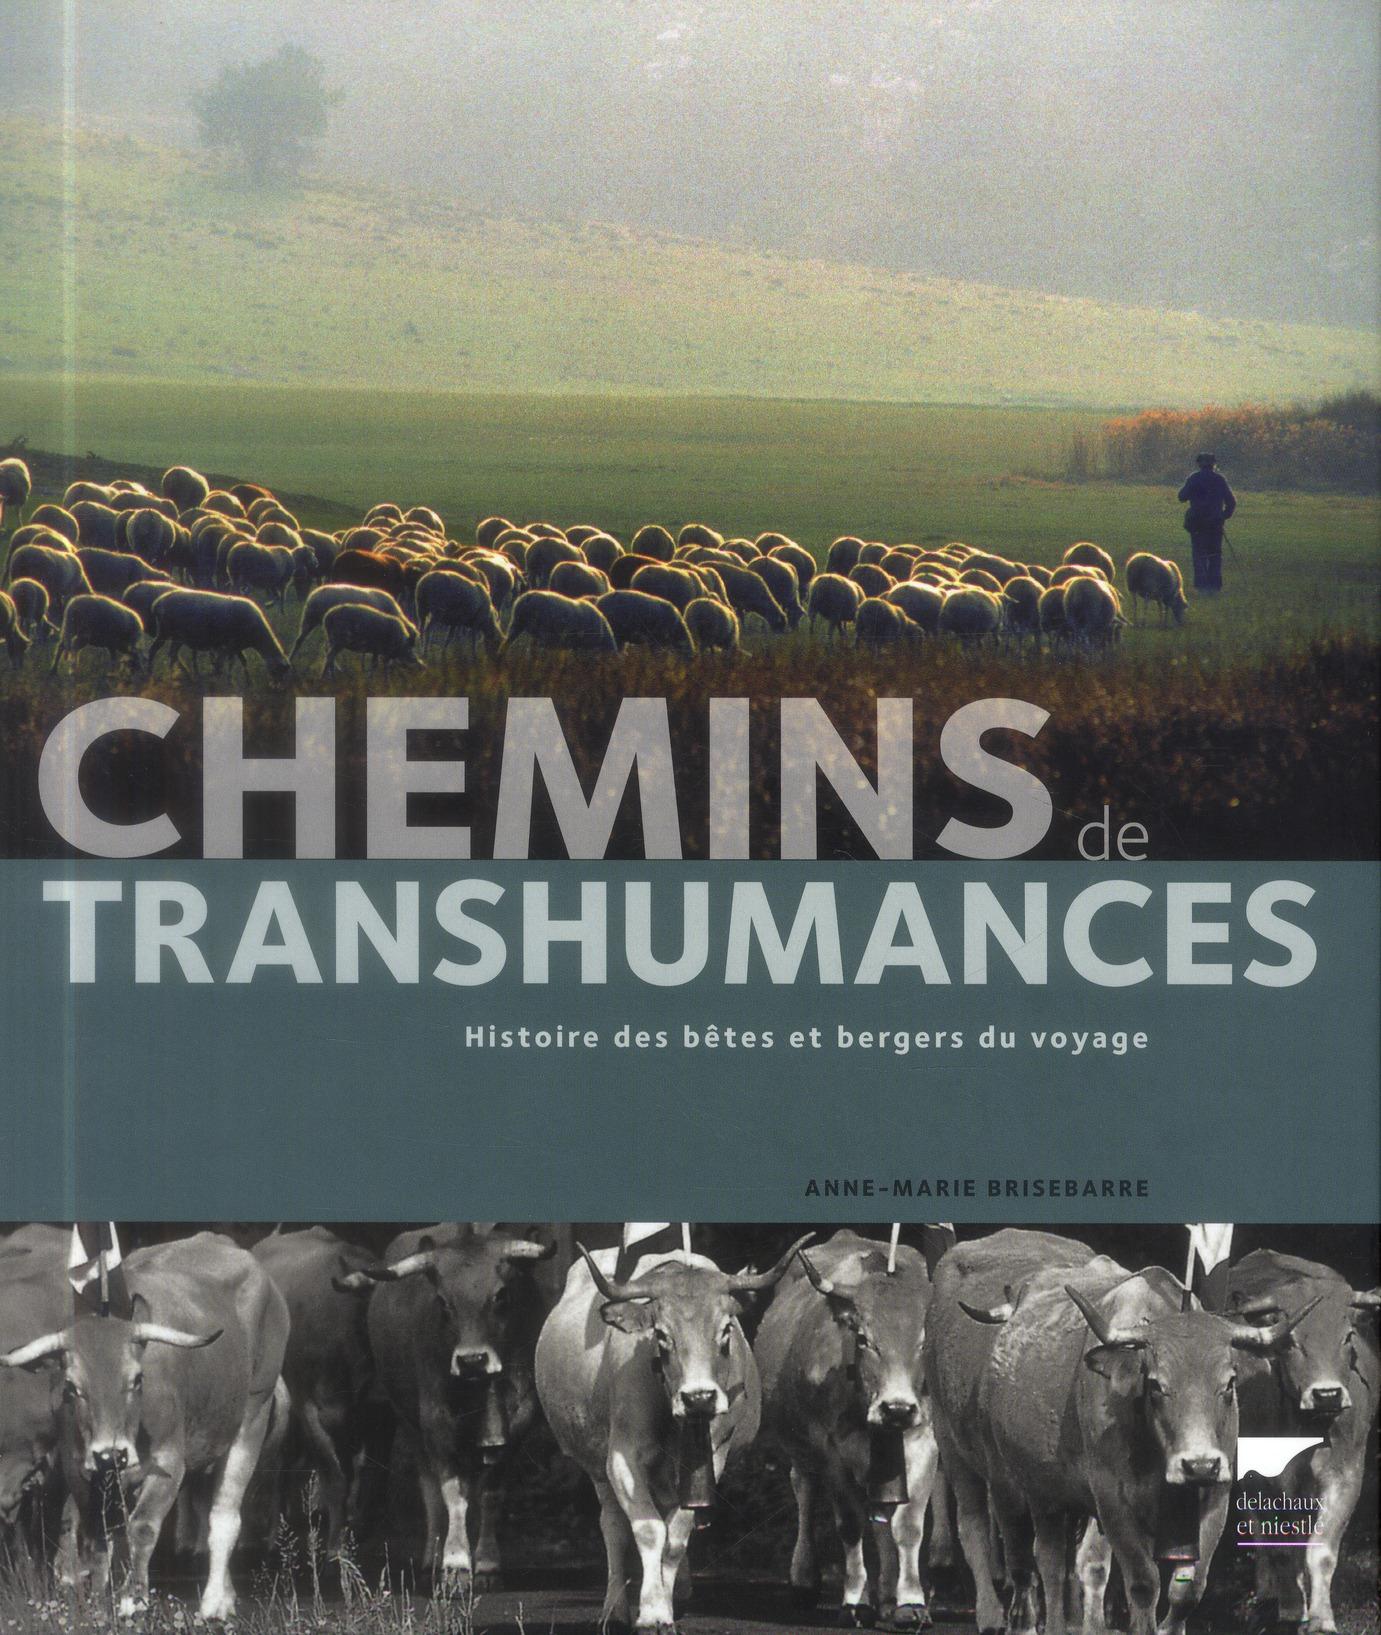 CHEMINS DE TRANSHUMANCES. HISTOIRE DES BETES ET BERGERS DU VOYAGE